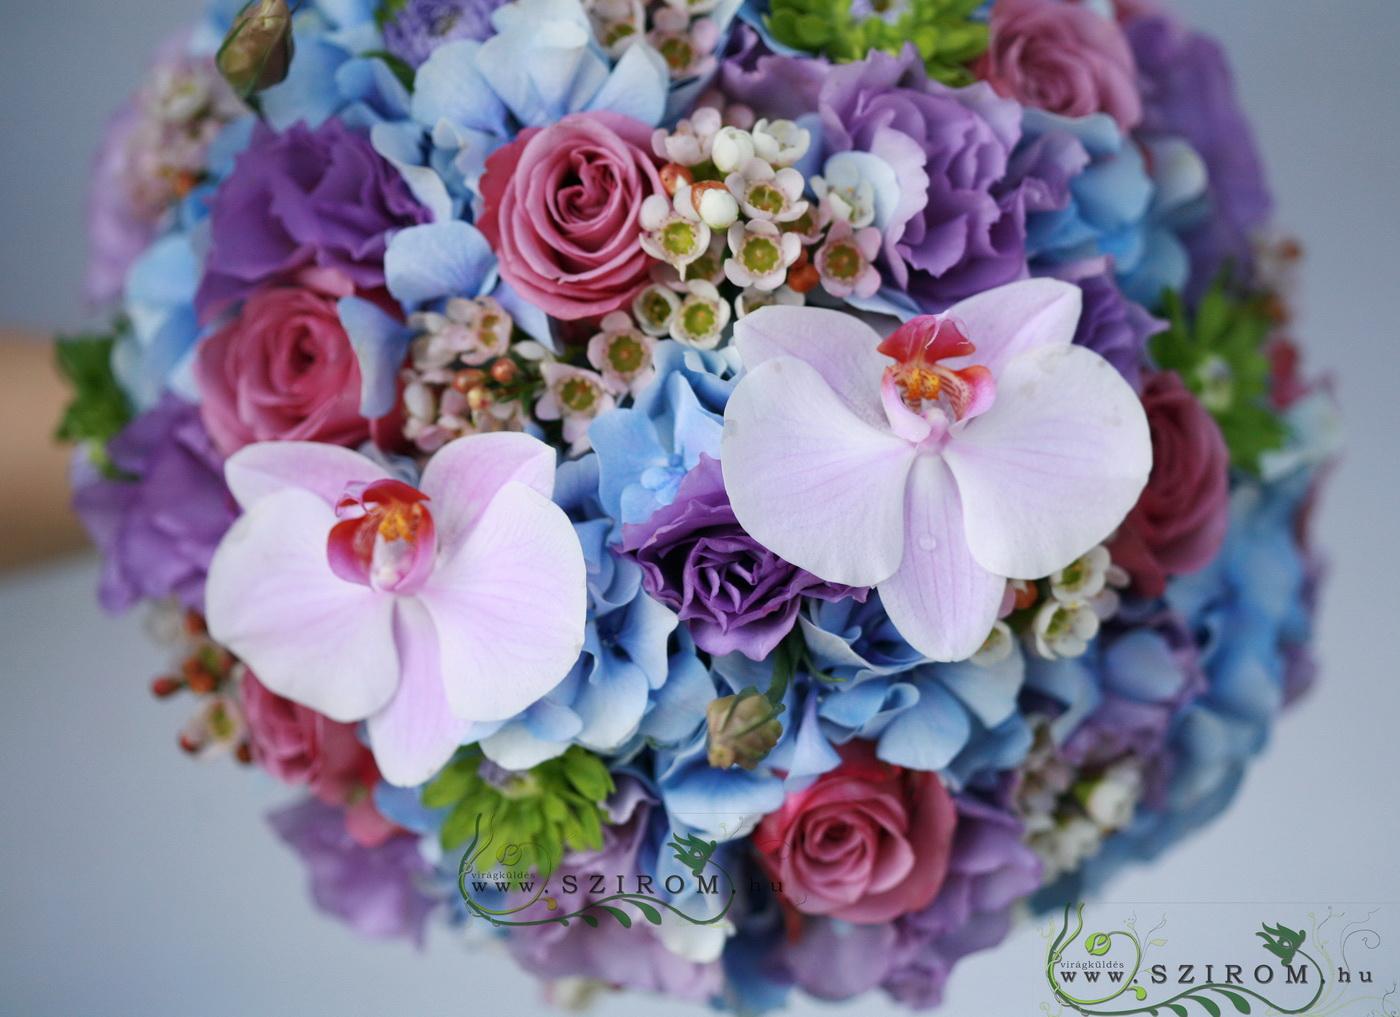 5b0bce333b Szirom Esküvői Virág Dekoráció Budapest, Menyasszonyi csokor, Esküvői  virágok, Dekoráció